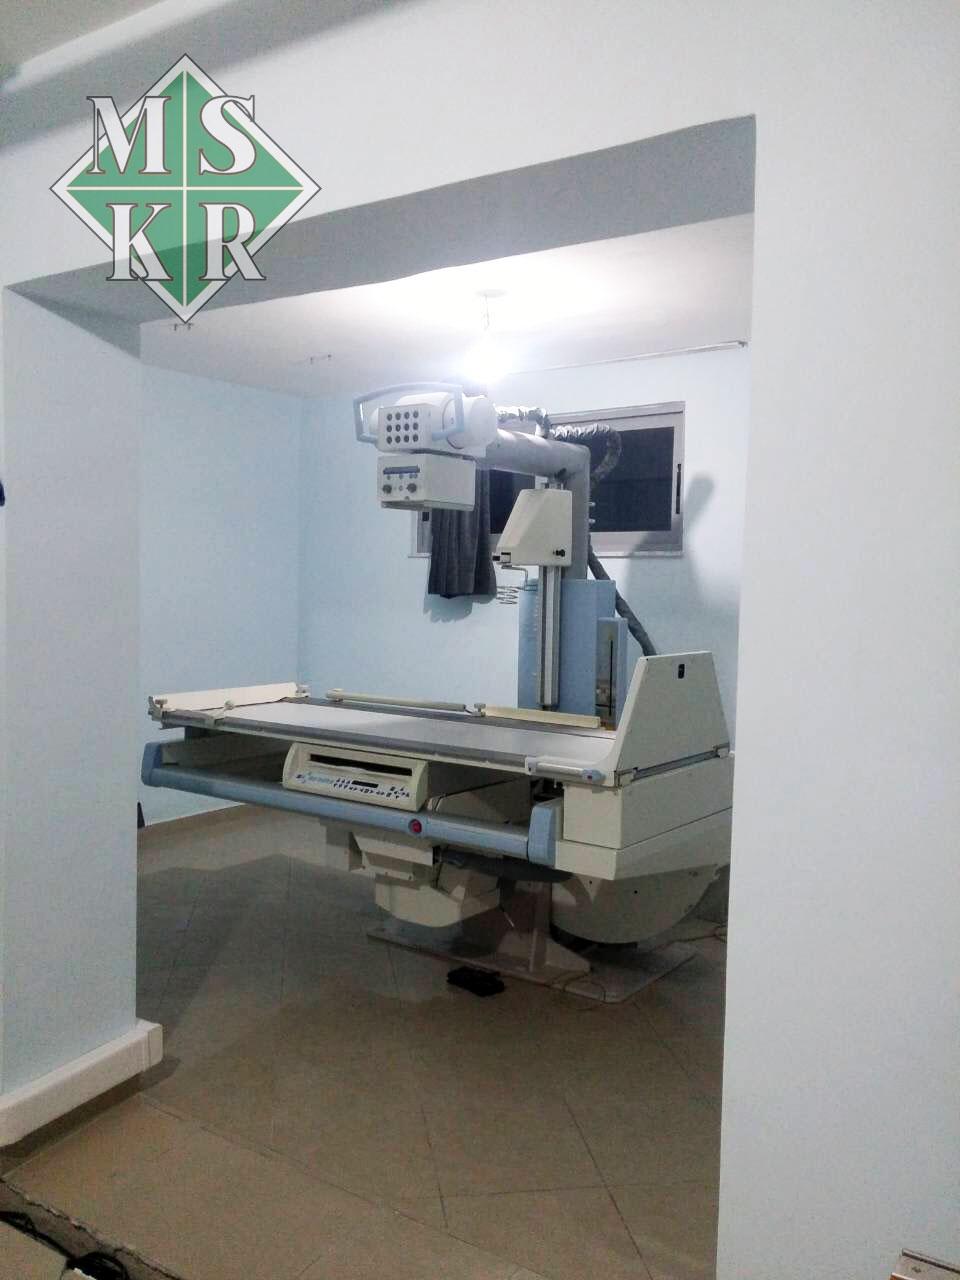 εγκατάσταση εξοπλισμού ακτινολογικά ακτινοσκοπικά πανοραμικά μηχανήματα στην κλινική logli medical systems aktinologika panoramika